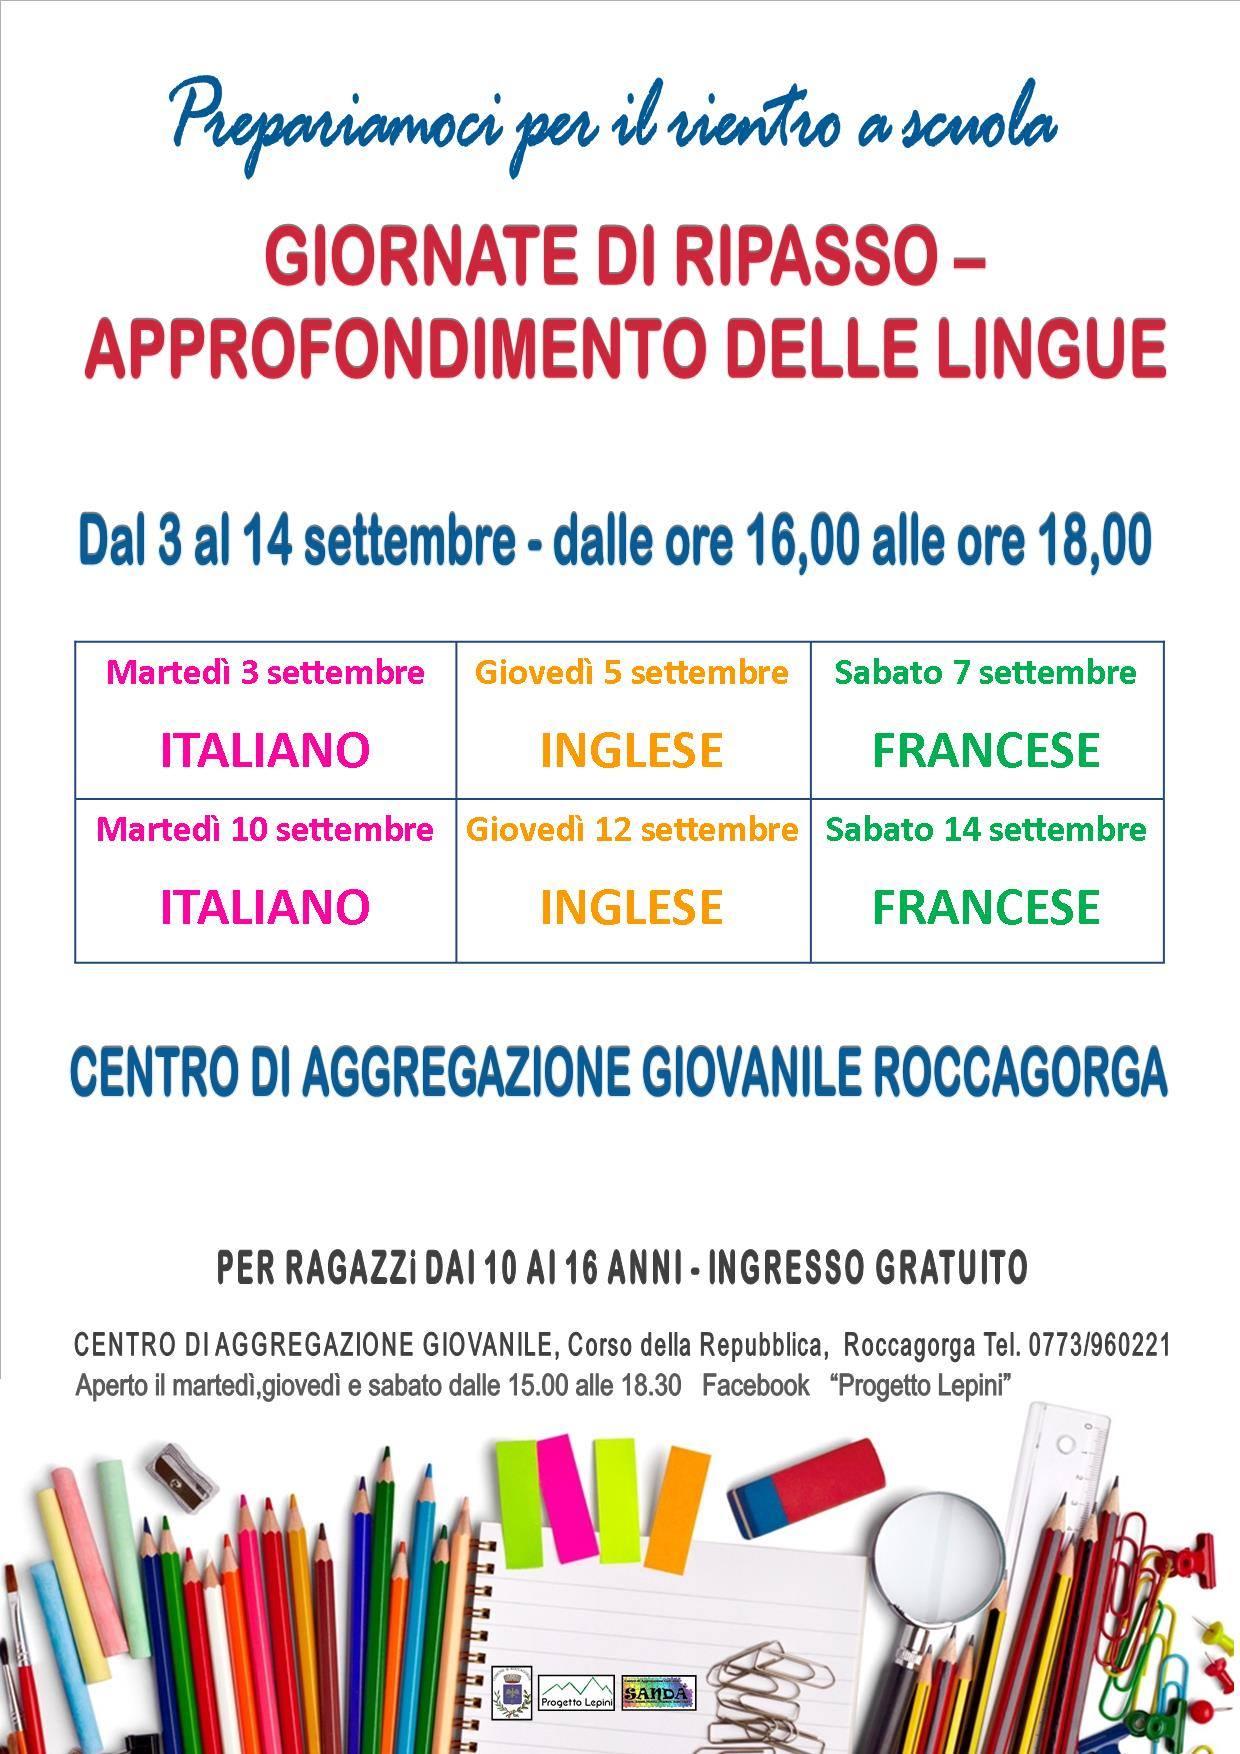 Roccagorga: Prepariamoci per il rientro a scuola @ Centro di aggregazione giovanile | Roccagorga | Lazio | Italia